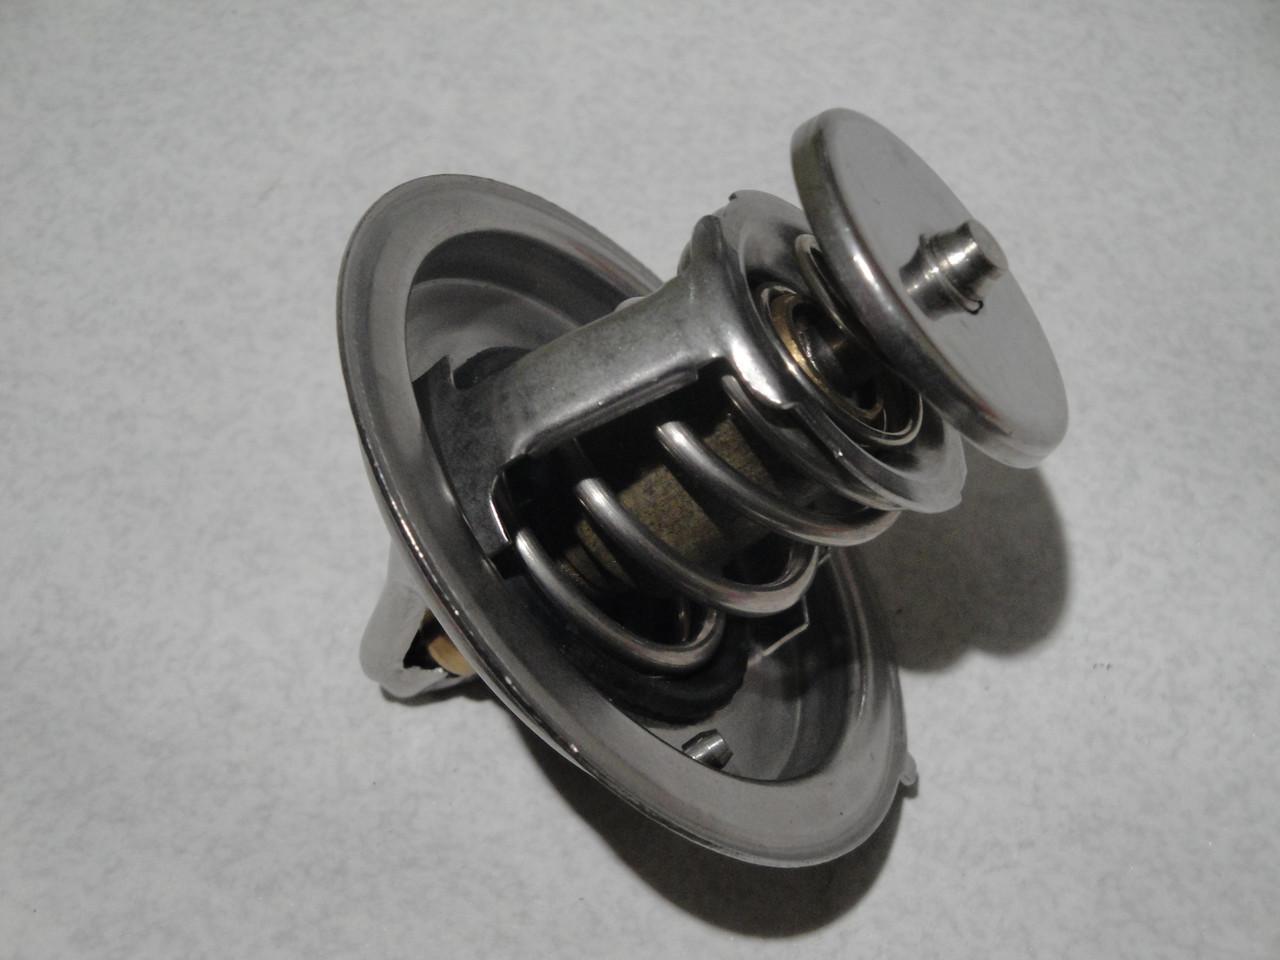 Термостат двигуна MITSUBISHI FUSO CANTER 659/859 4D34T JAPACO